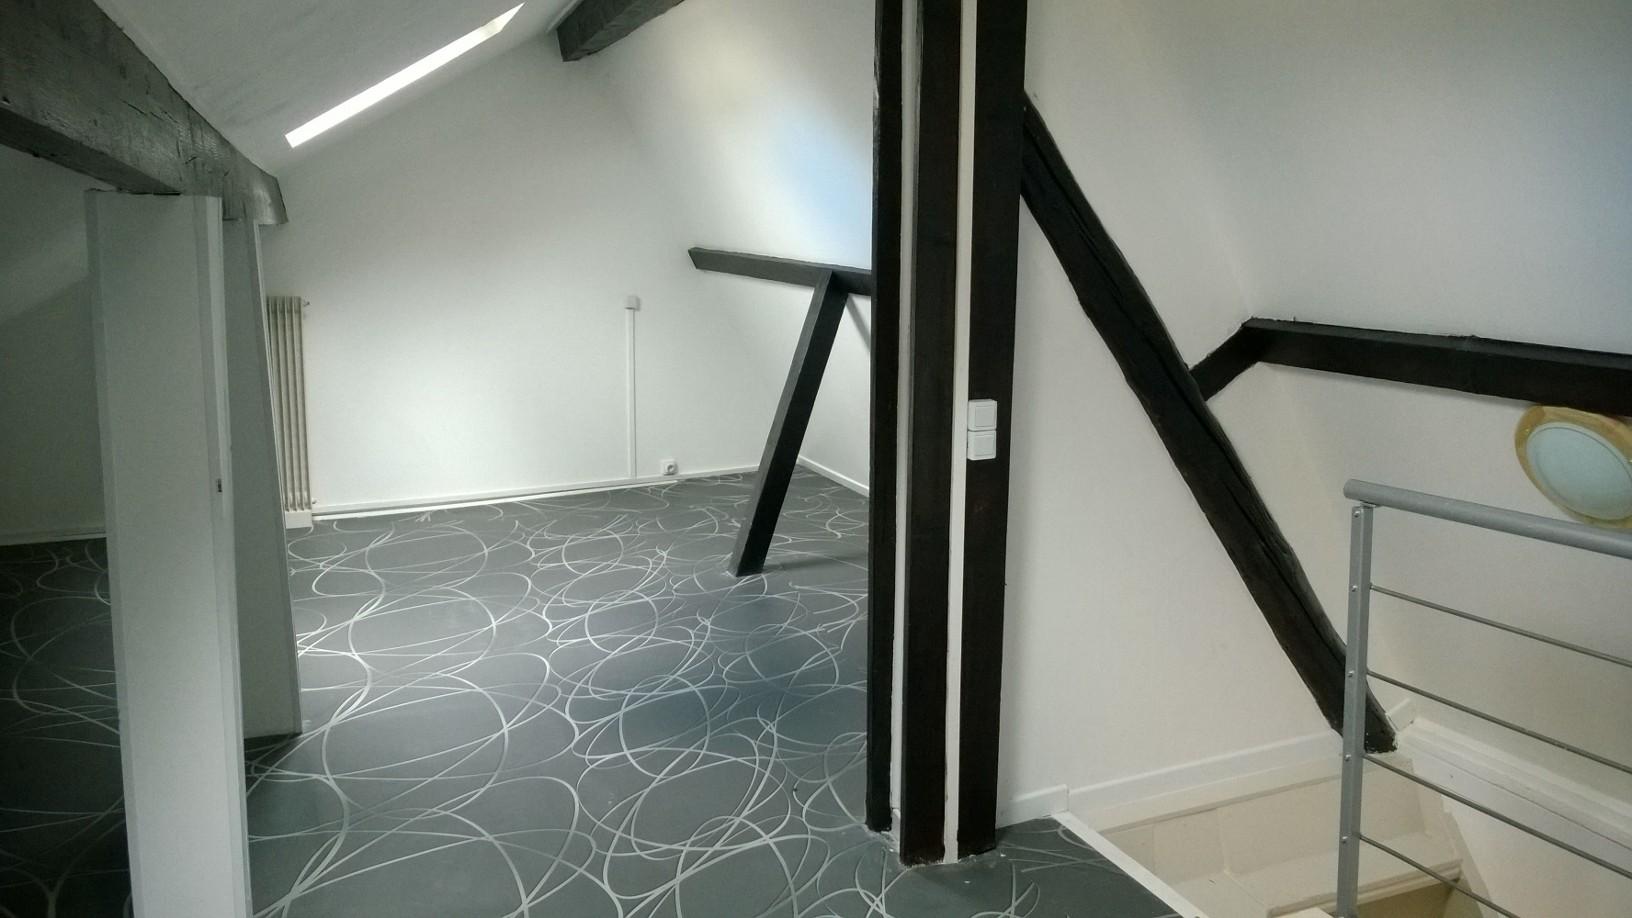 location appartement nancy tout ce que vous devez savoir. Black Bedroom Furniture Sets. Home Design Ideas